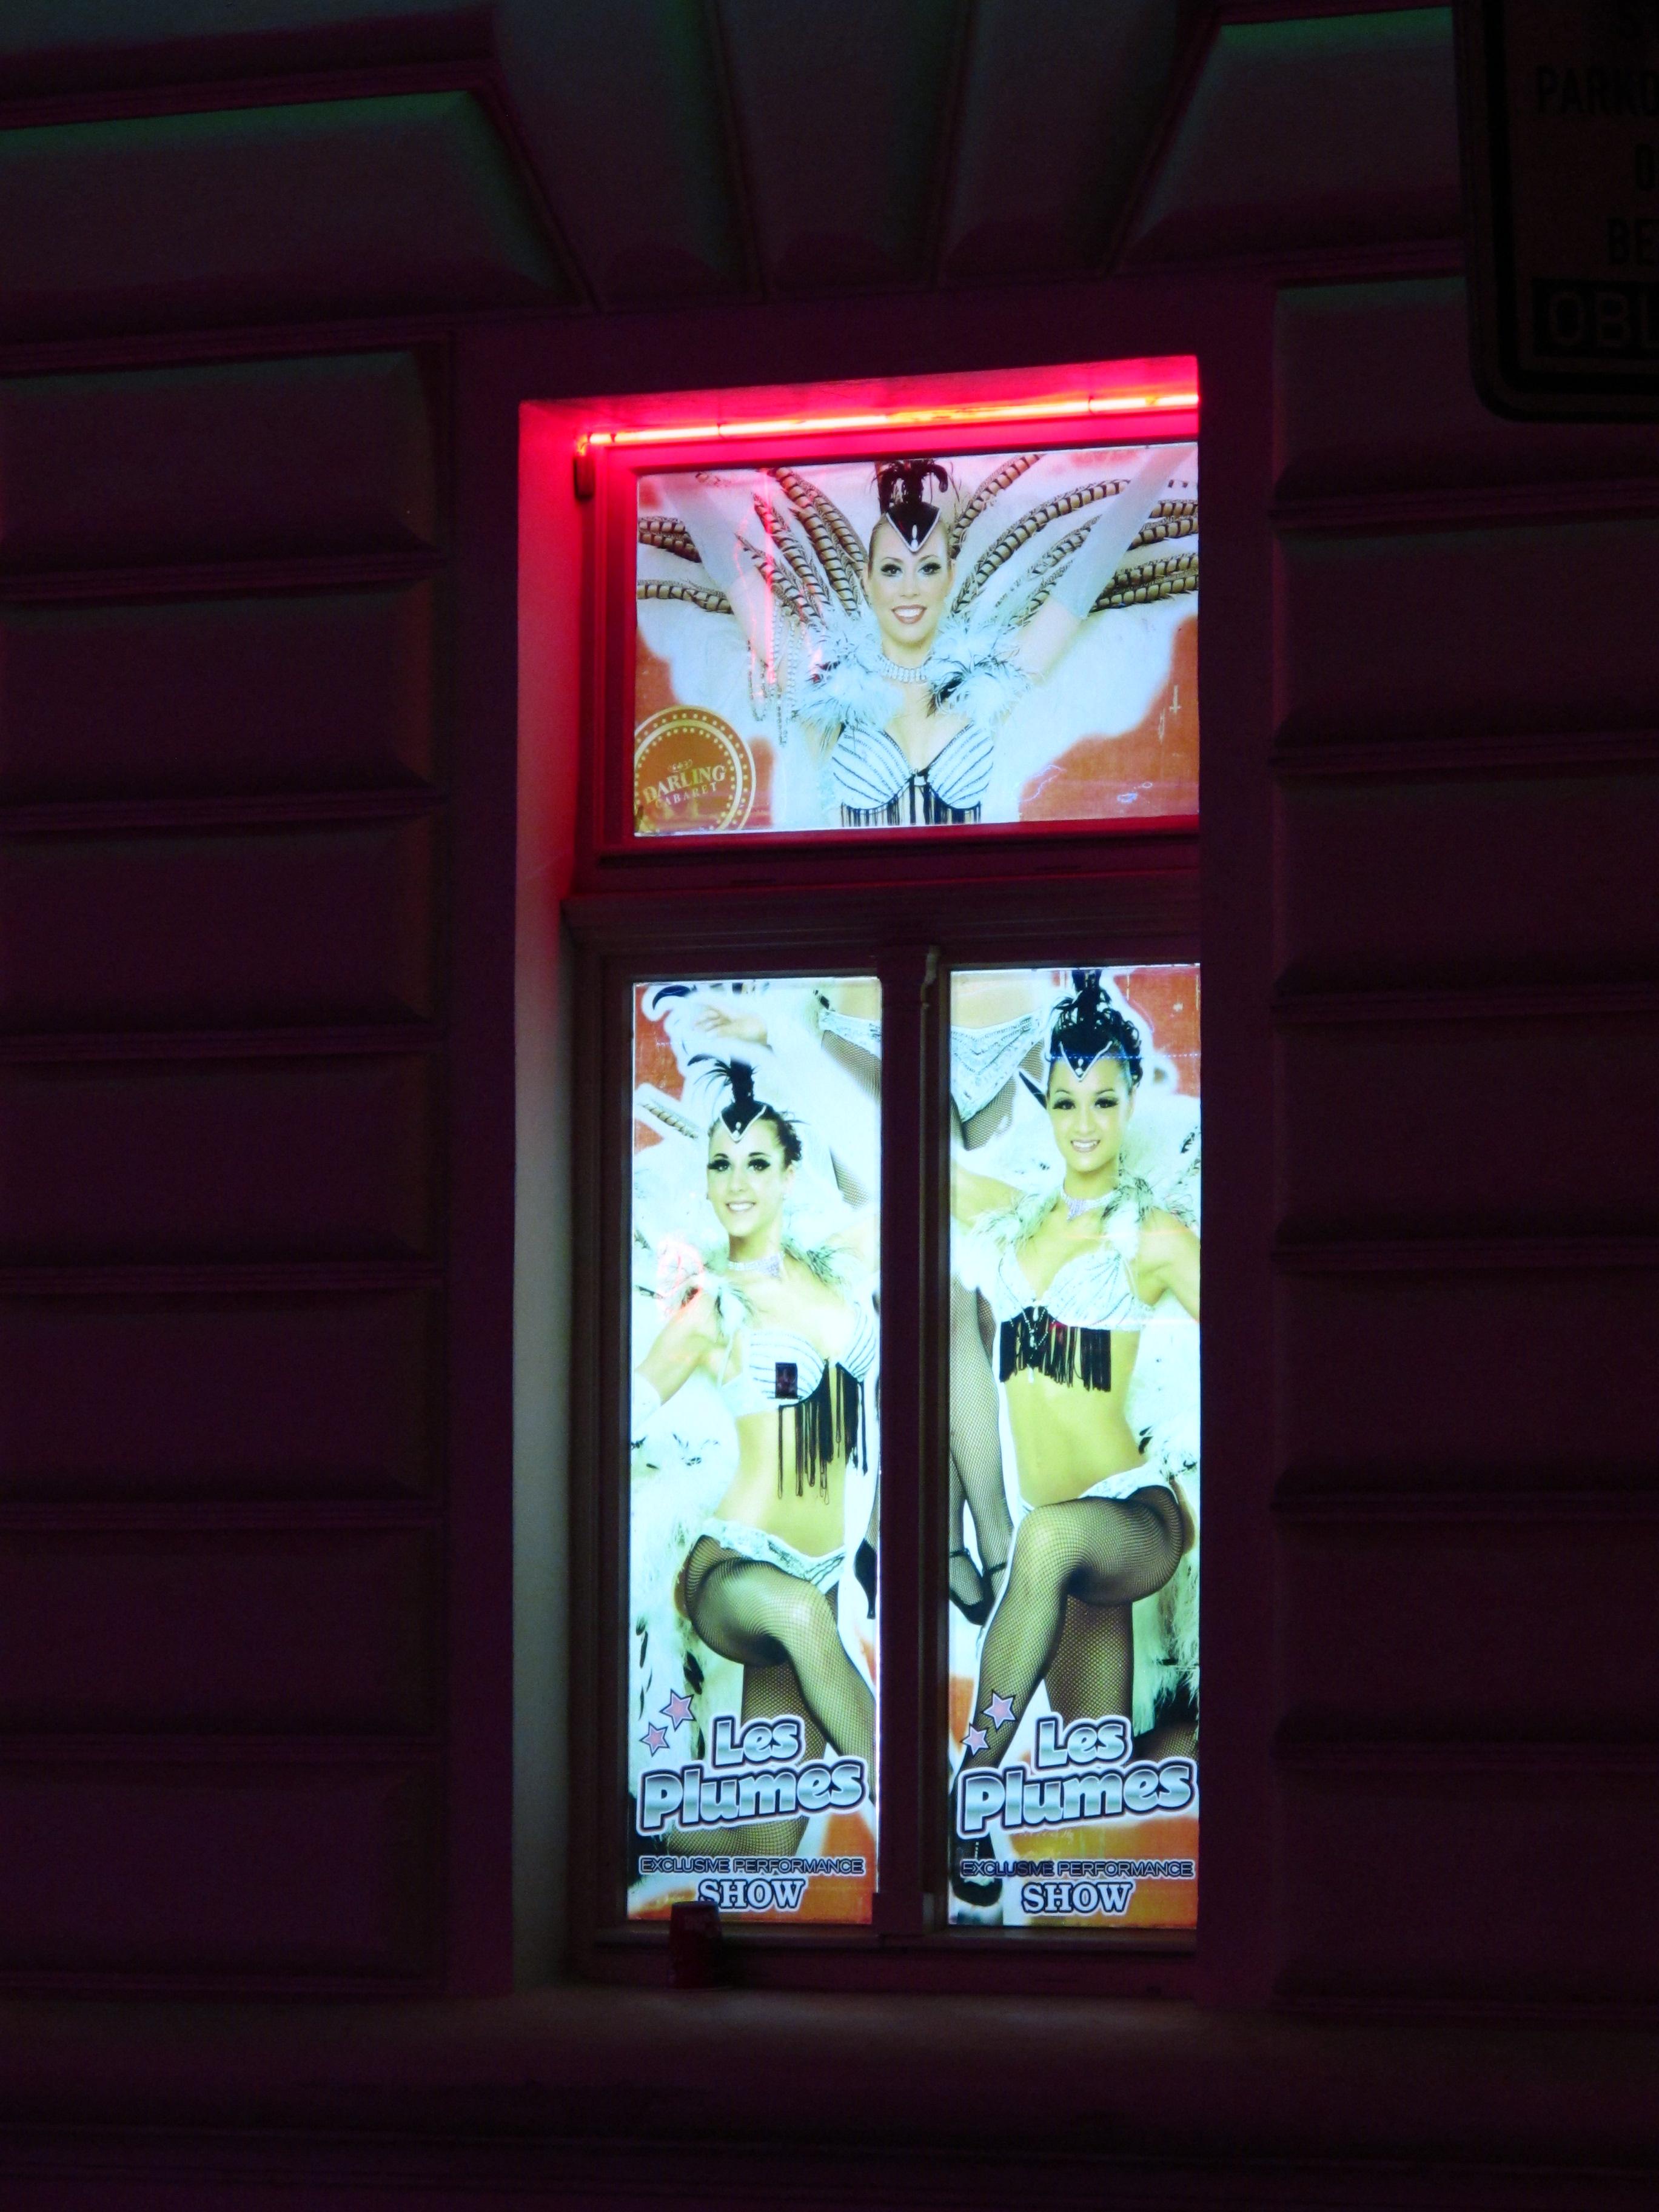 legalizacion prostitución multa clientes prostitutas